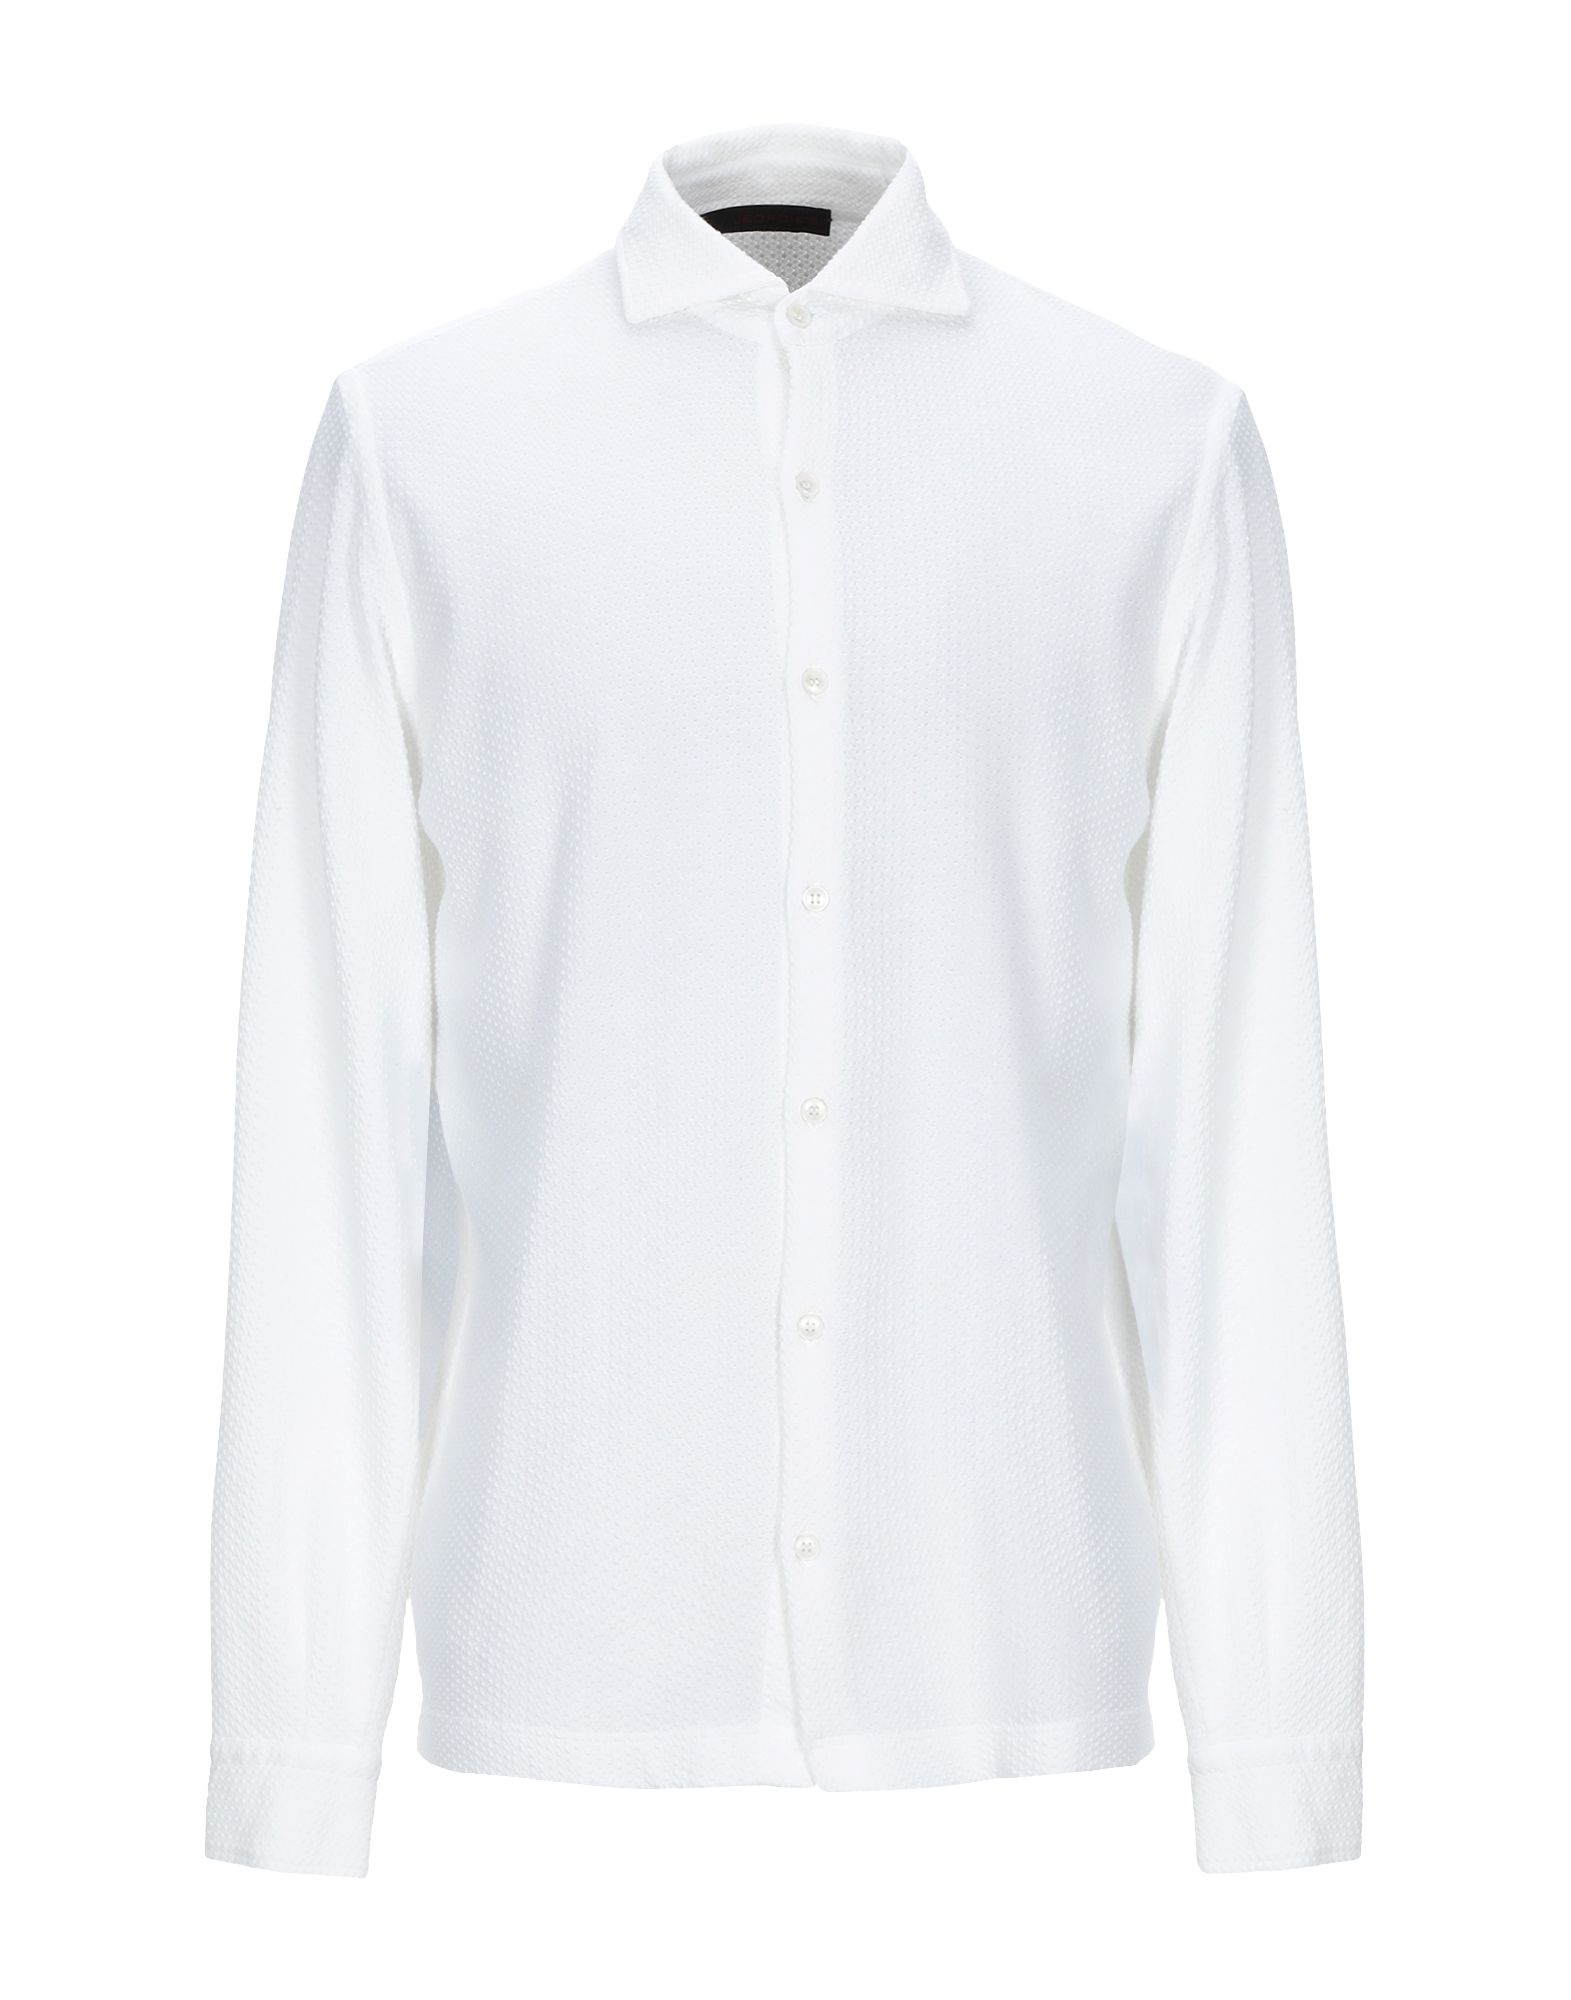 《セール開催中》JEORDIE'S メンズ シャツ ホワイト S コットン 100%